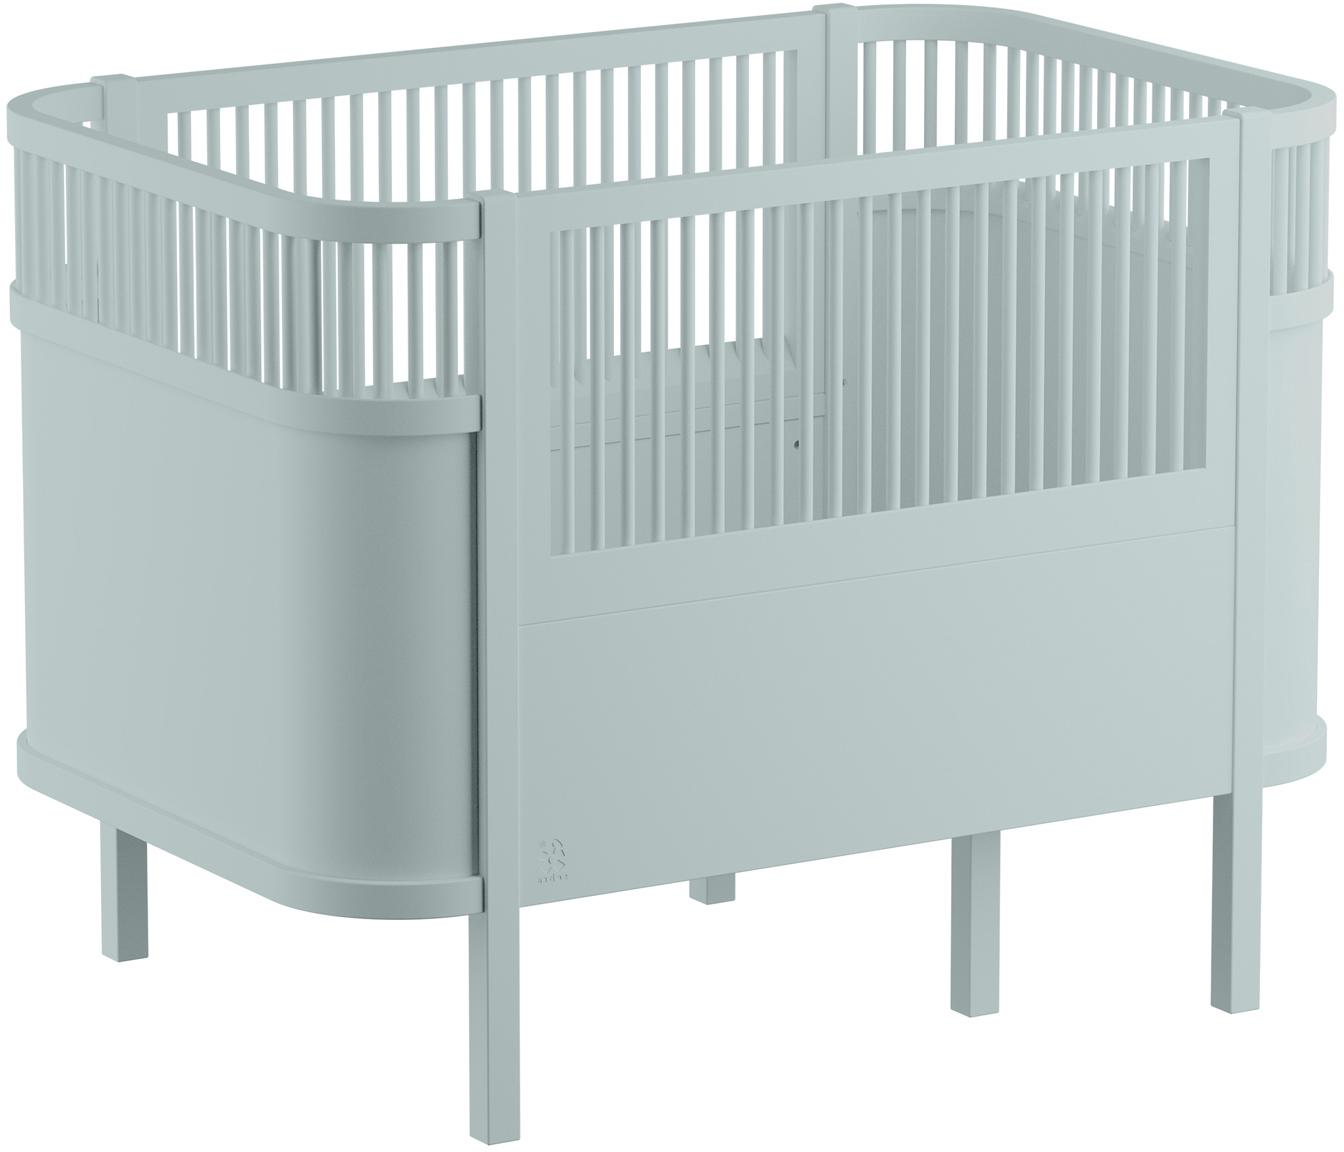 Łóżko dla dzieci Junior, Drewno brzozowe, lakierowane, Zielony, S 115 x W 88 cm